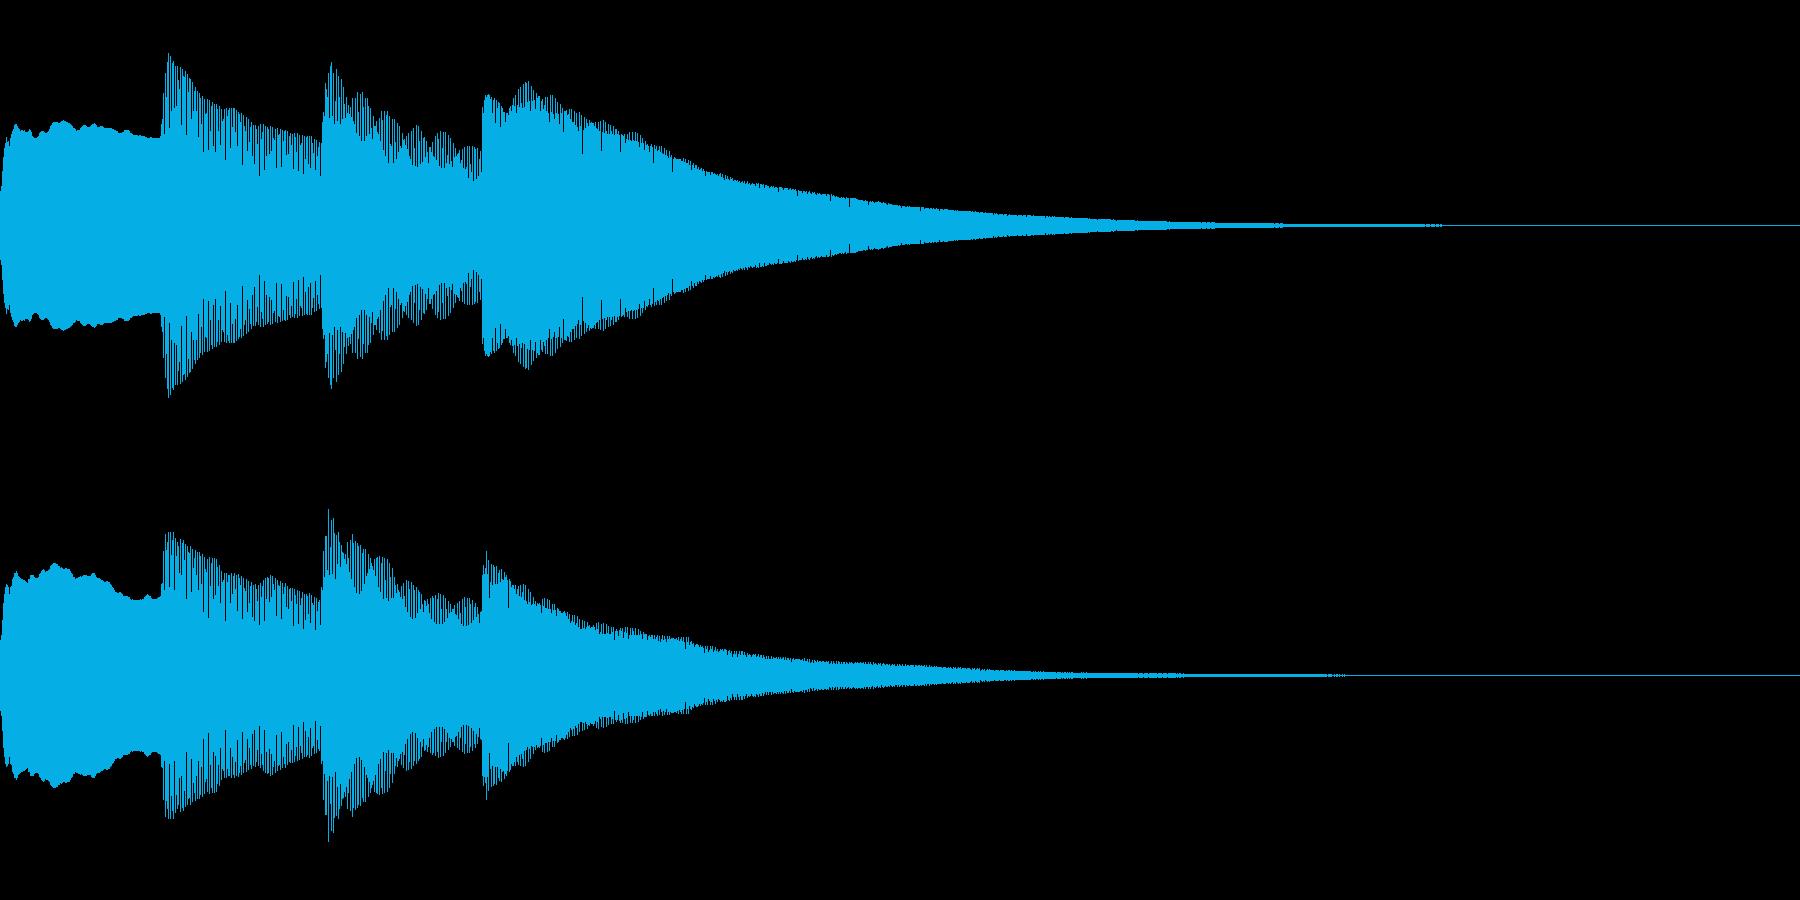 お知らせ・アナウンス音B上昇(普通)01の再生済みの波形